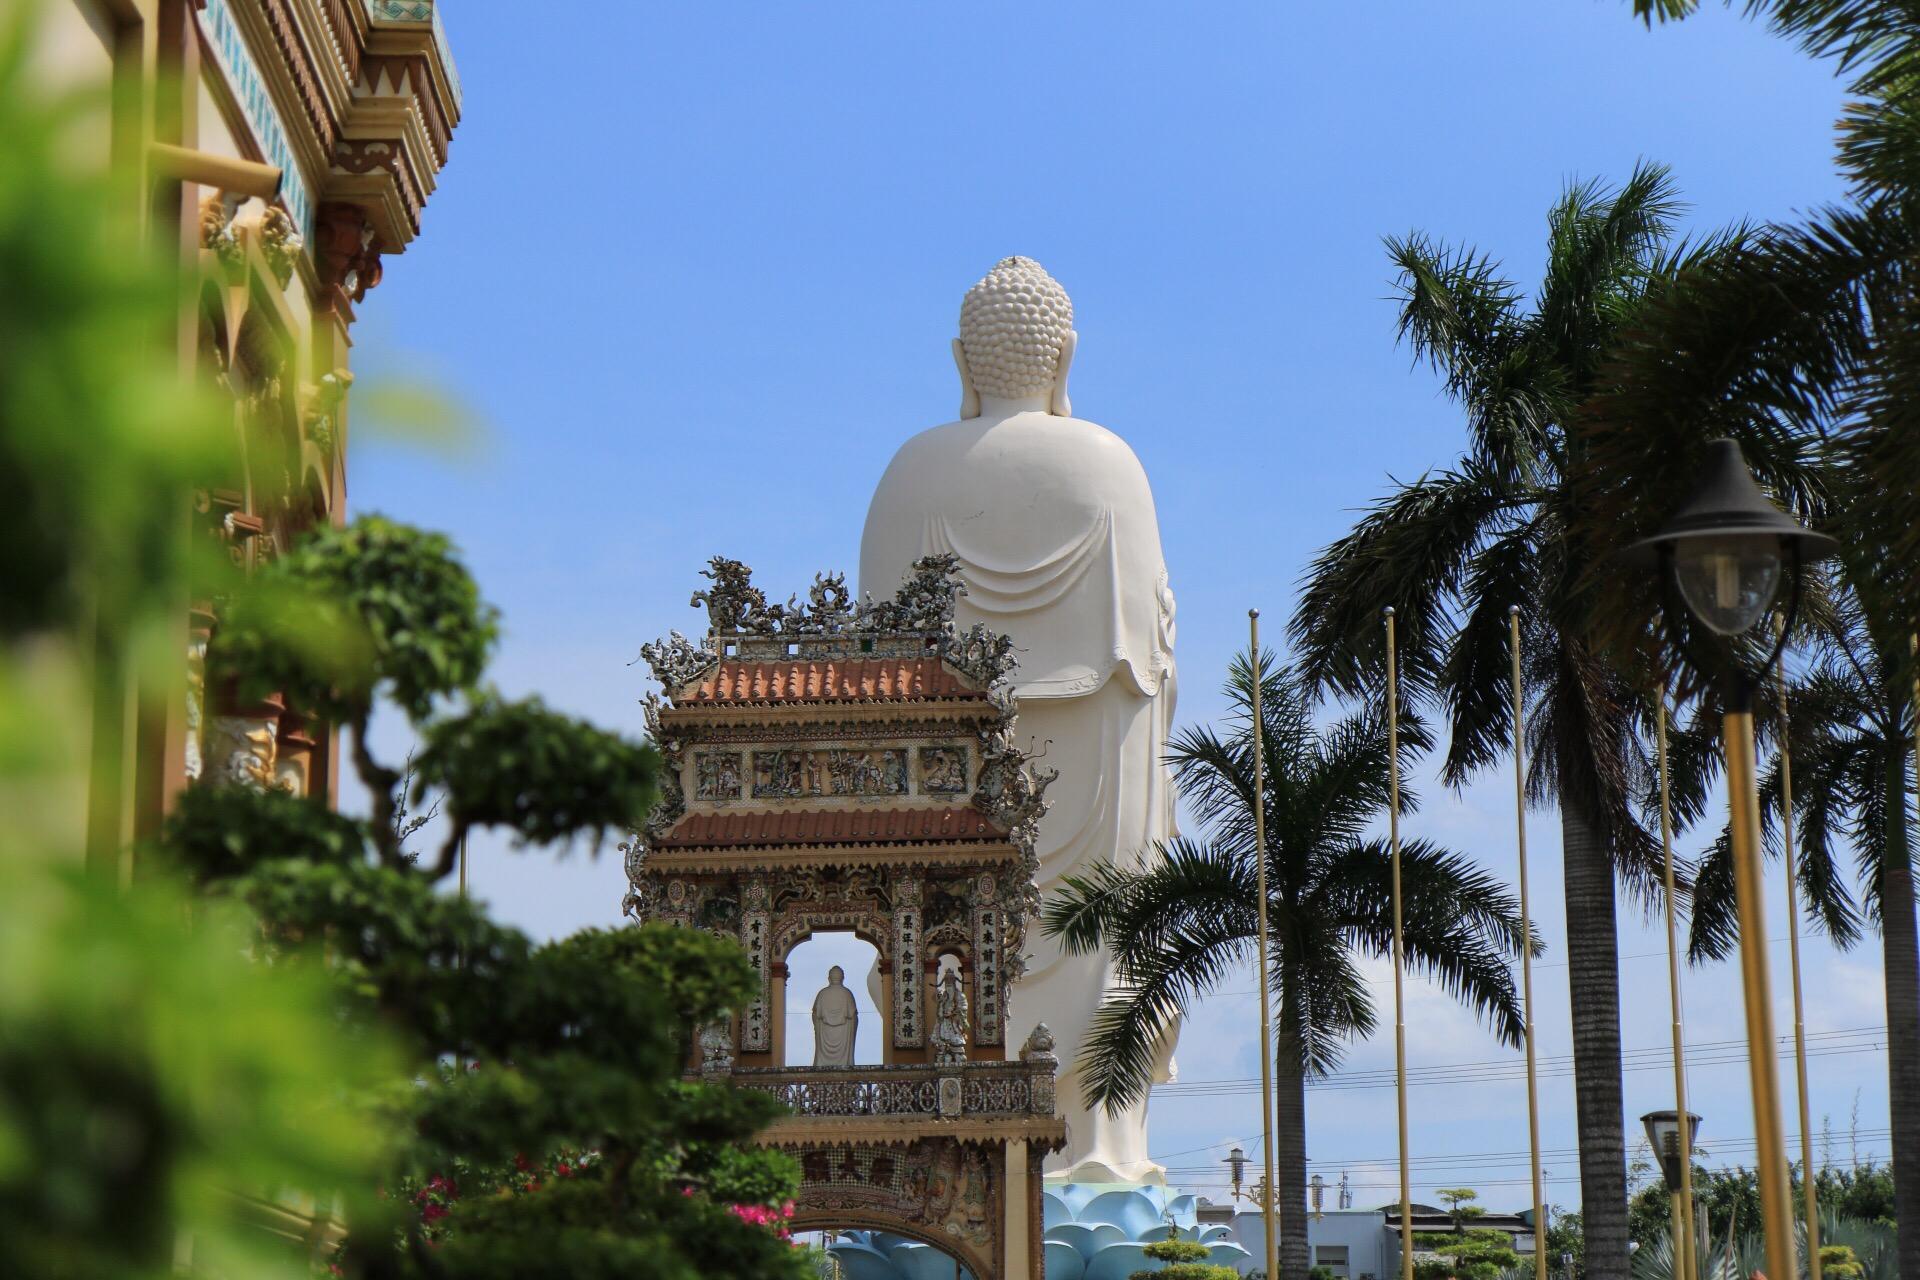 Und noch eine zweite etwa 15-16 Meter hohe Statue stand vor der Anlage.